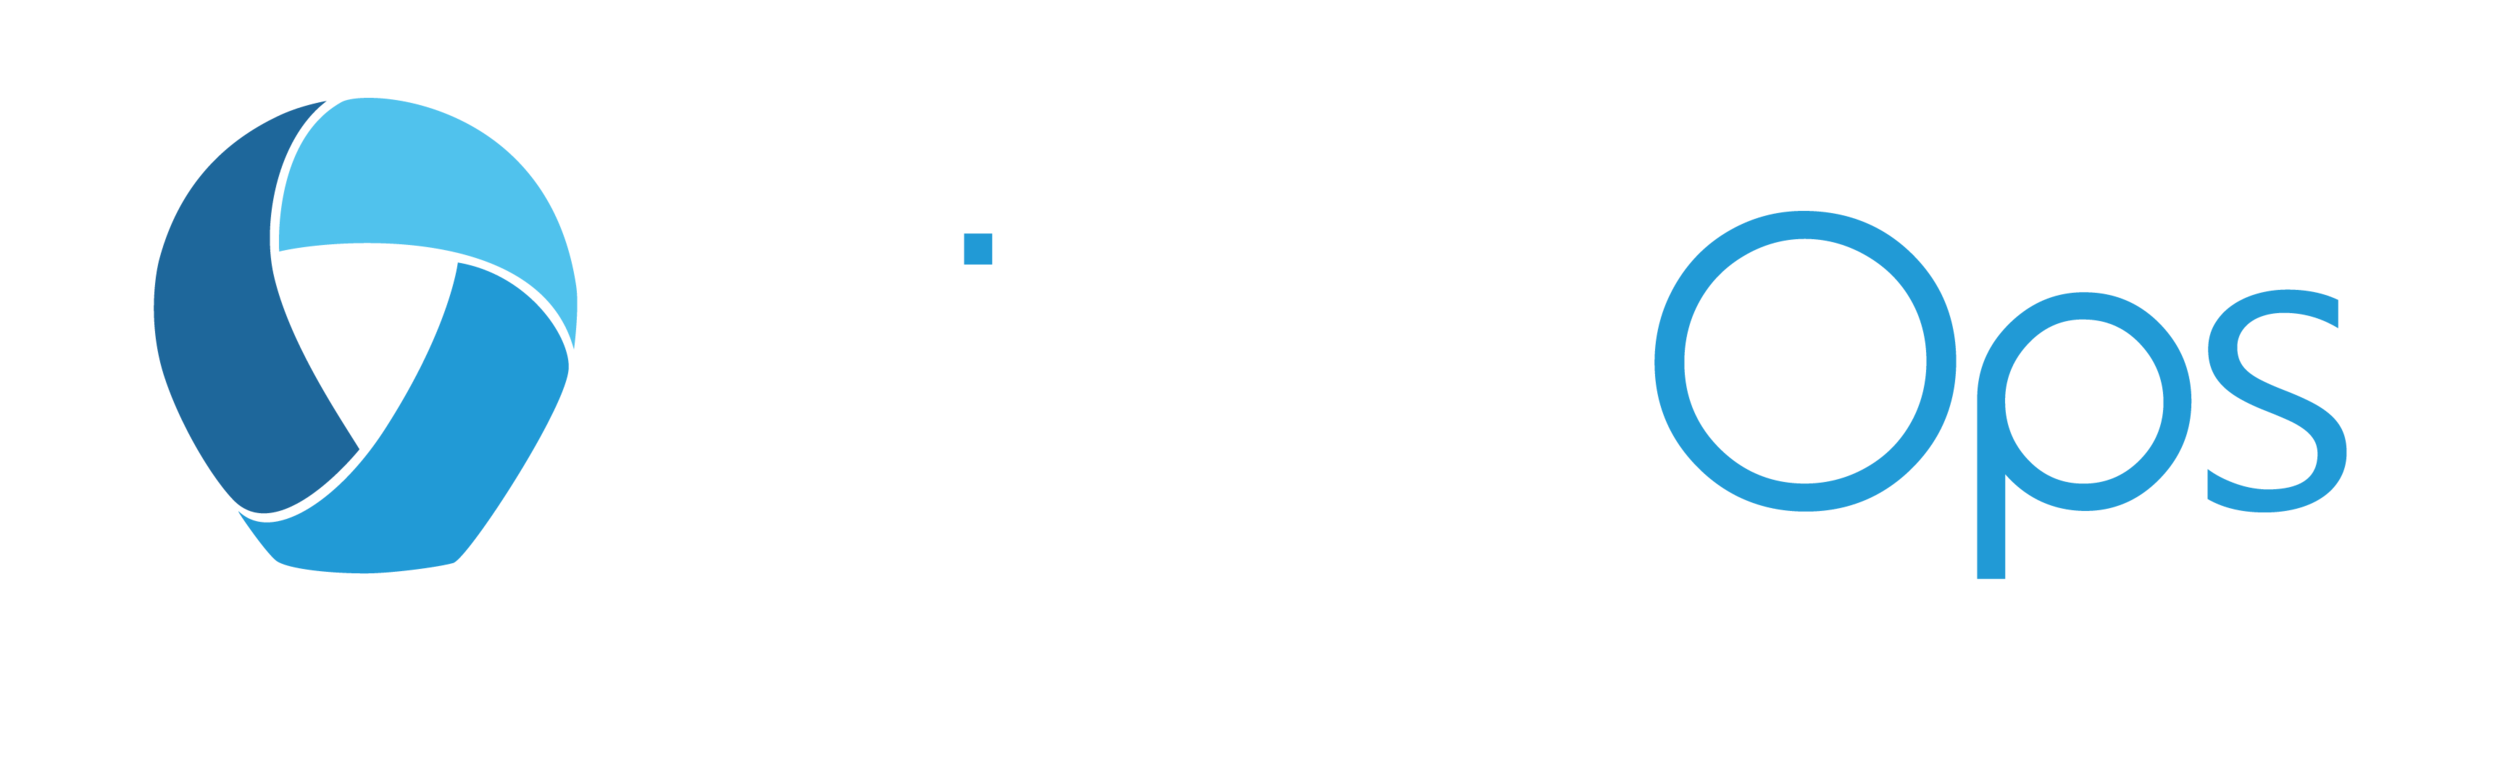 co-logo-blue-white.png